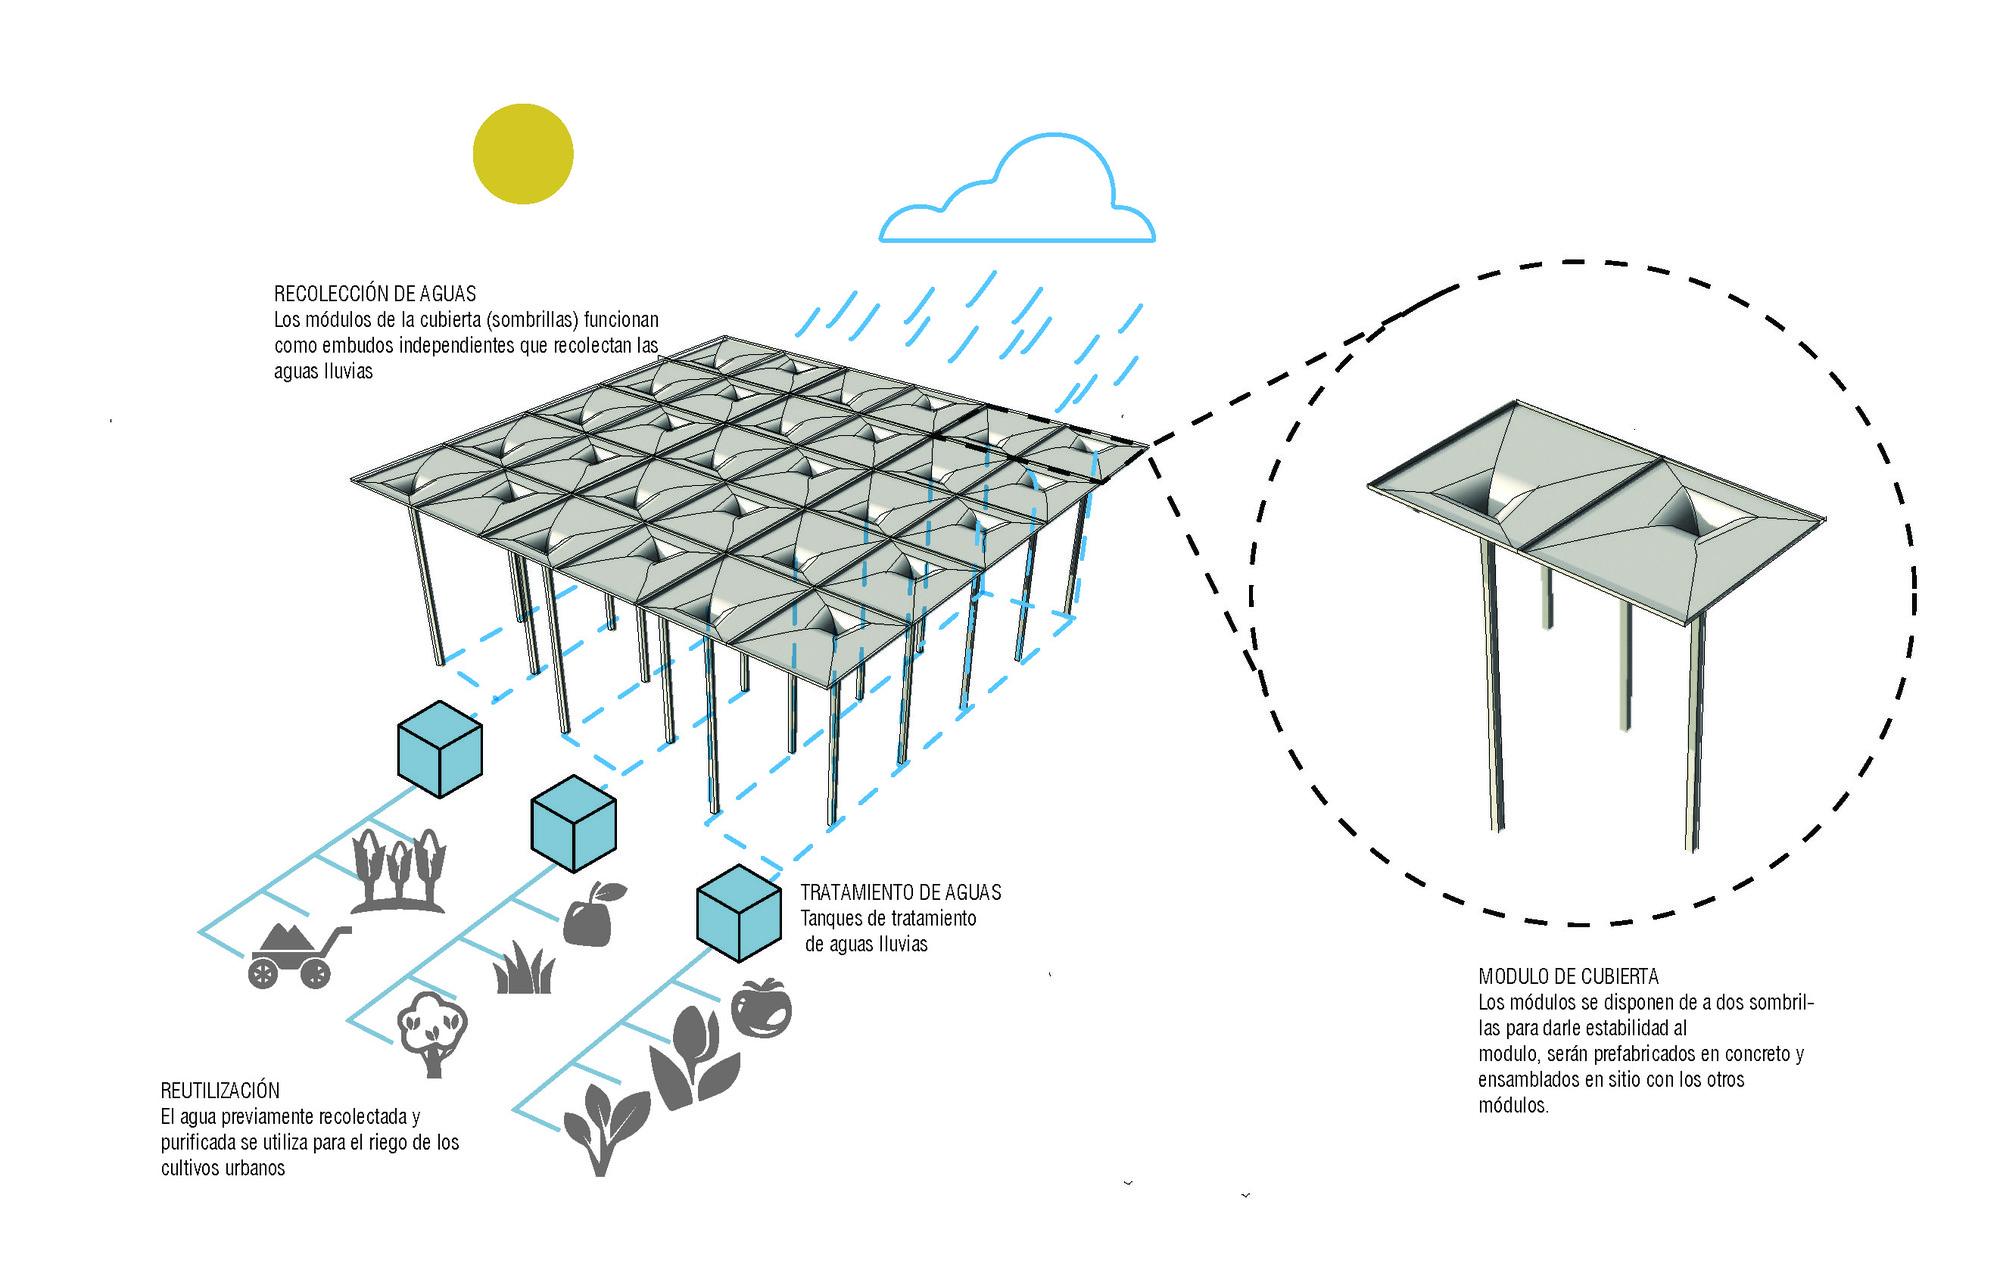 Diagrama: recolección de aguas lluvias. Image Courtesy of Jheny Nieto + Rodrigo Chain